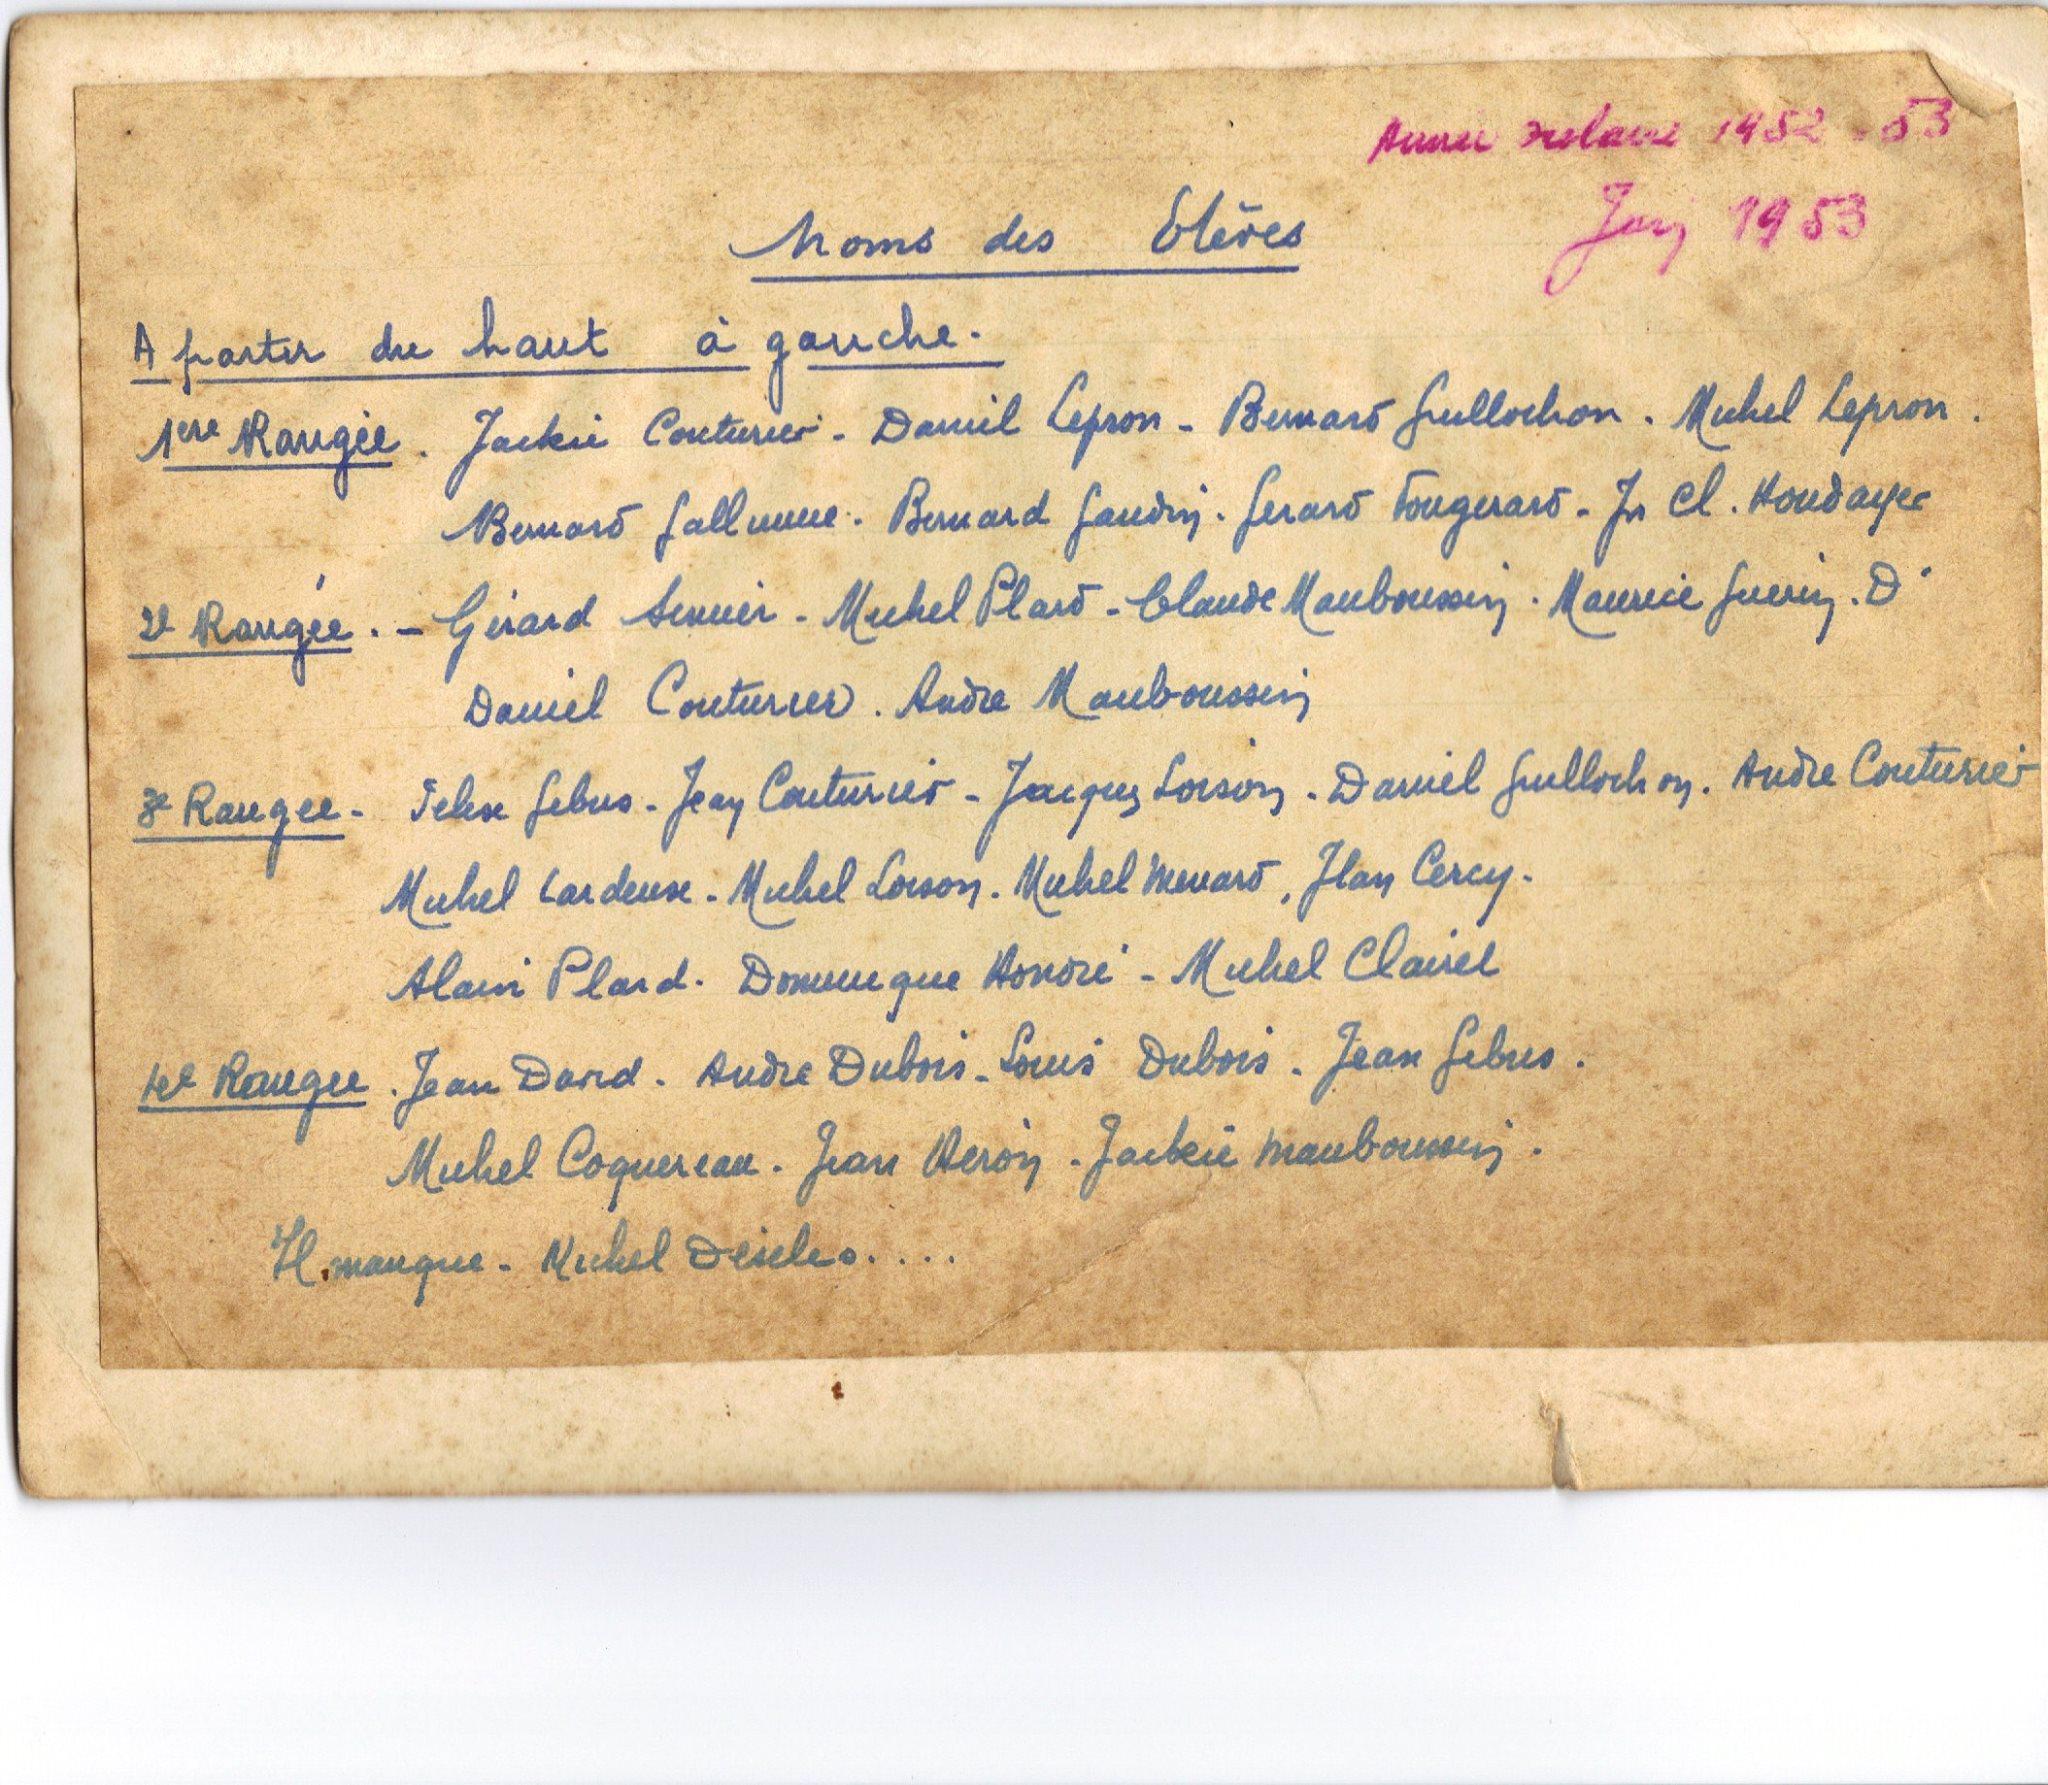 Groupes - Photos de classe - Juin 1953 - Vue 02 (Jean-Luc Pommeliet)